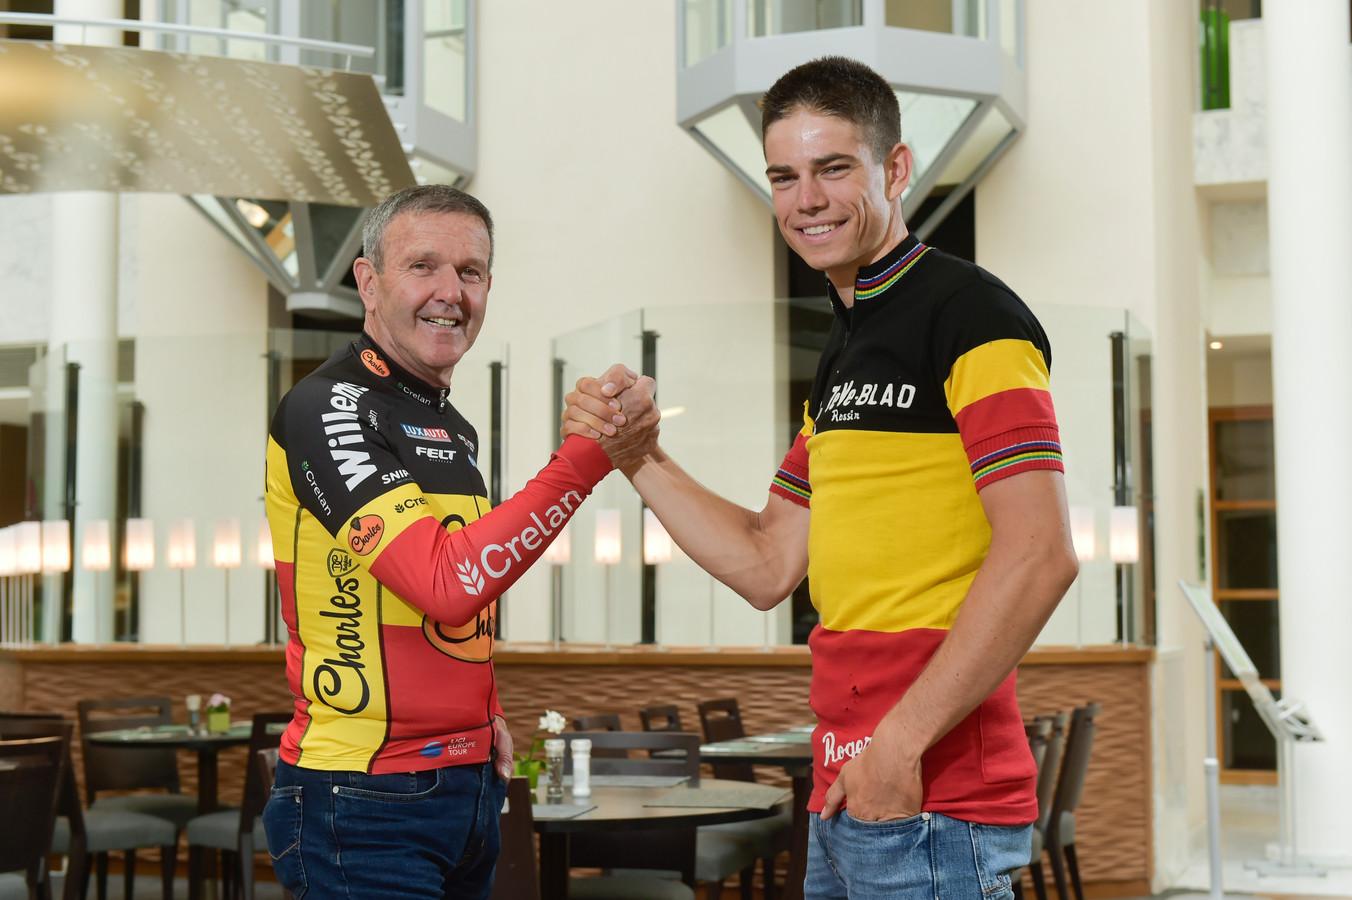 Roger De Vlaeminck met Wout van Aert.